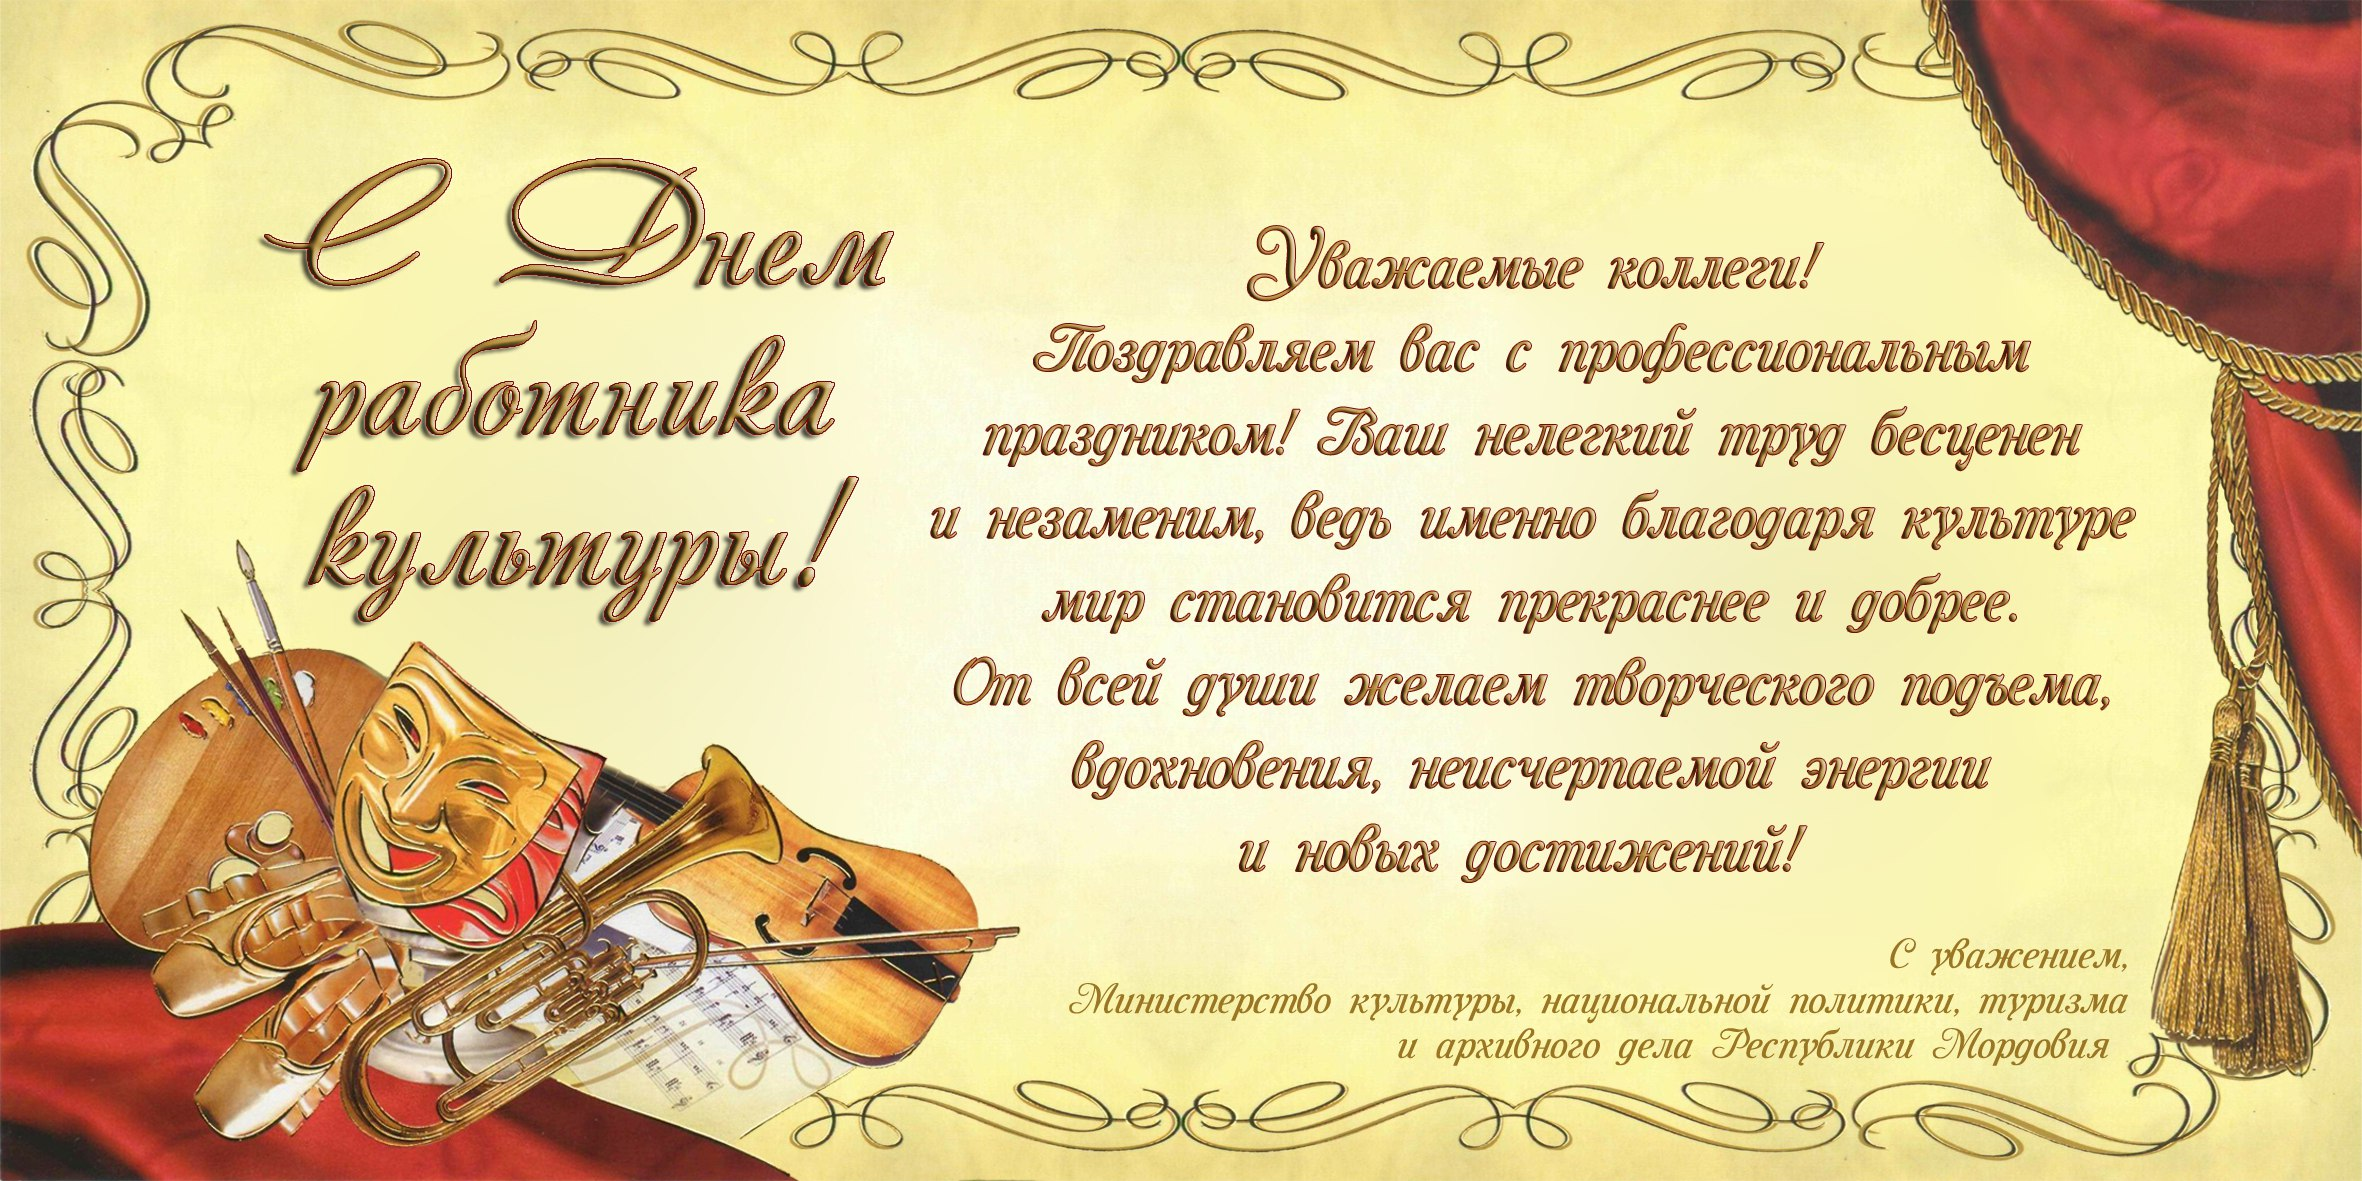 также тубус поздравление к дню работников культуры официальное хотя винодельческий бизнес